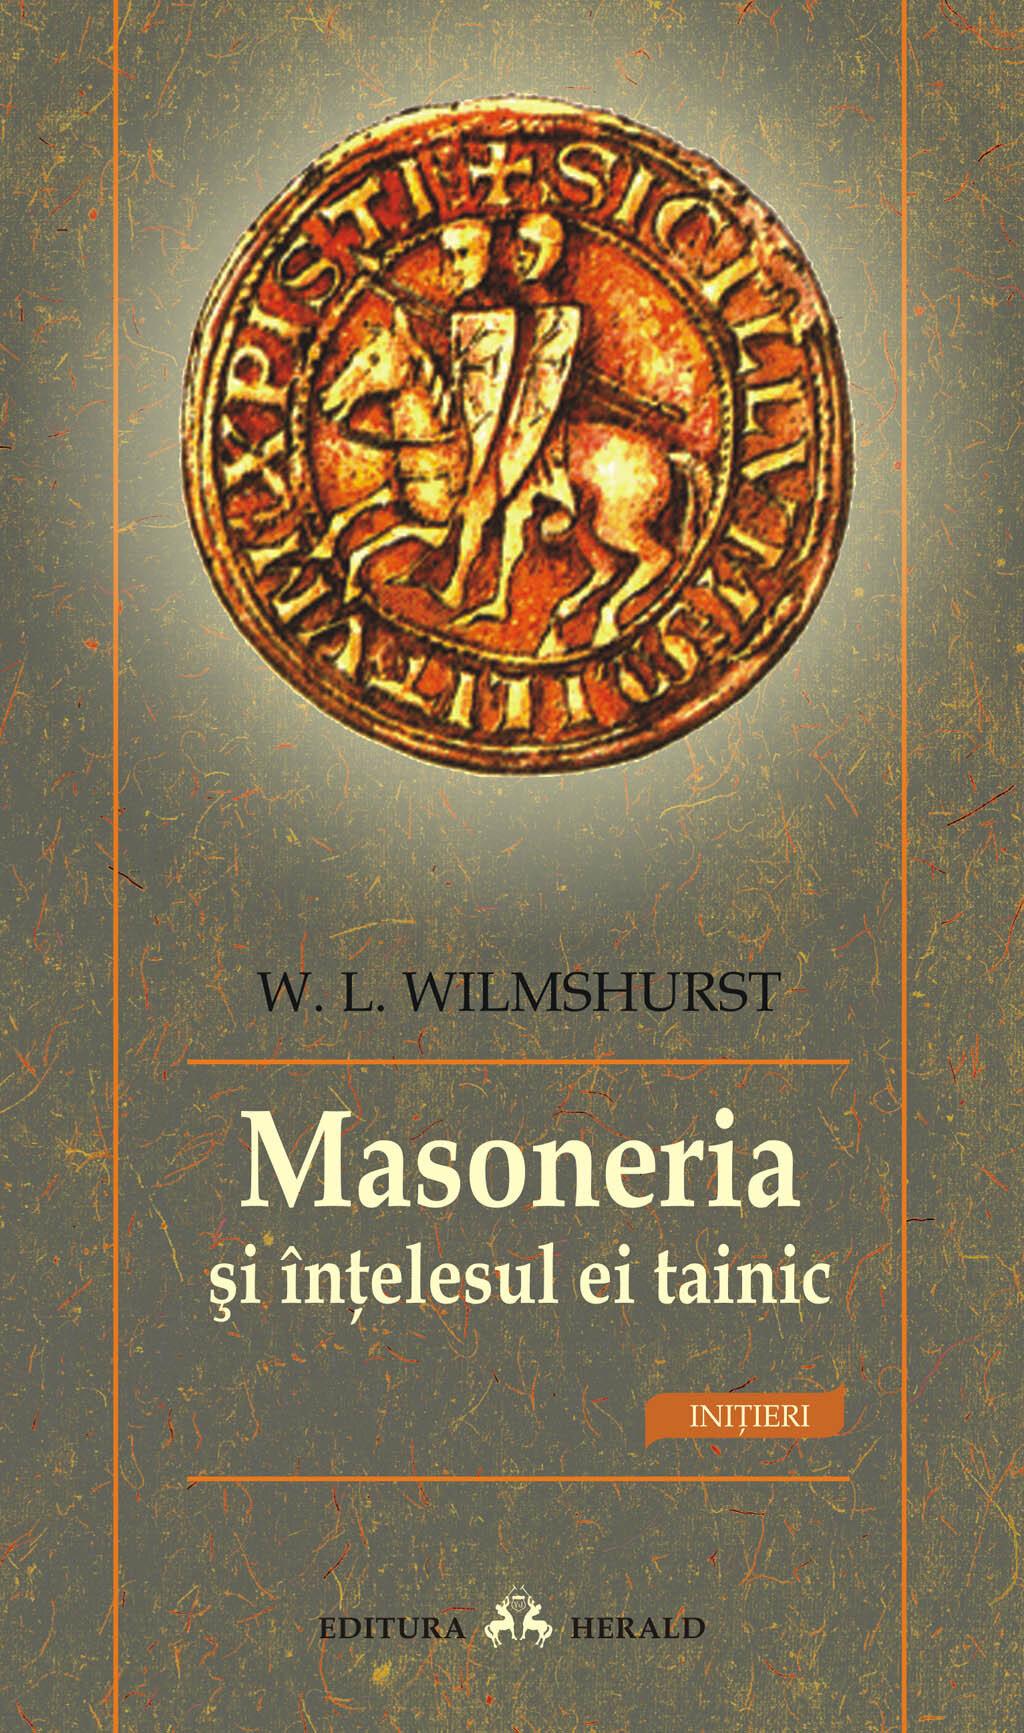 Masoneria si intelesul ei tainic (eBook)